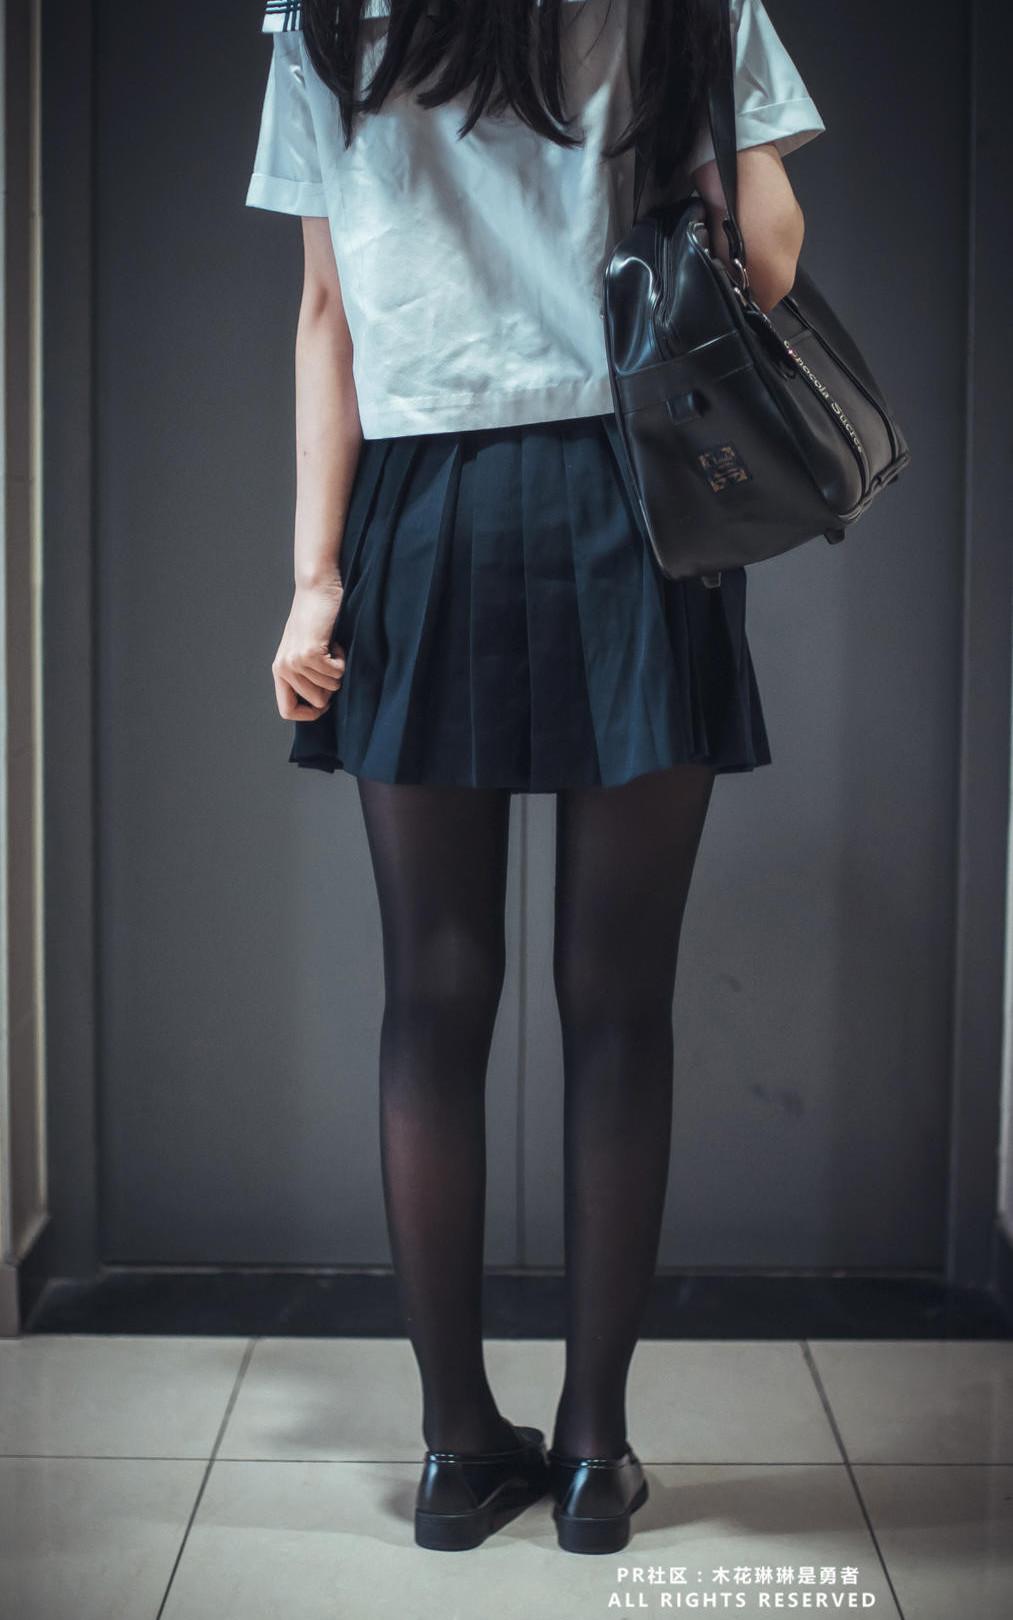 木花琳琳是勇者套写真集合